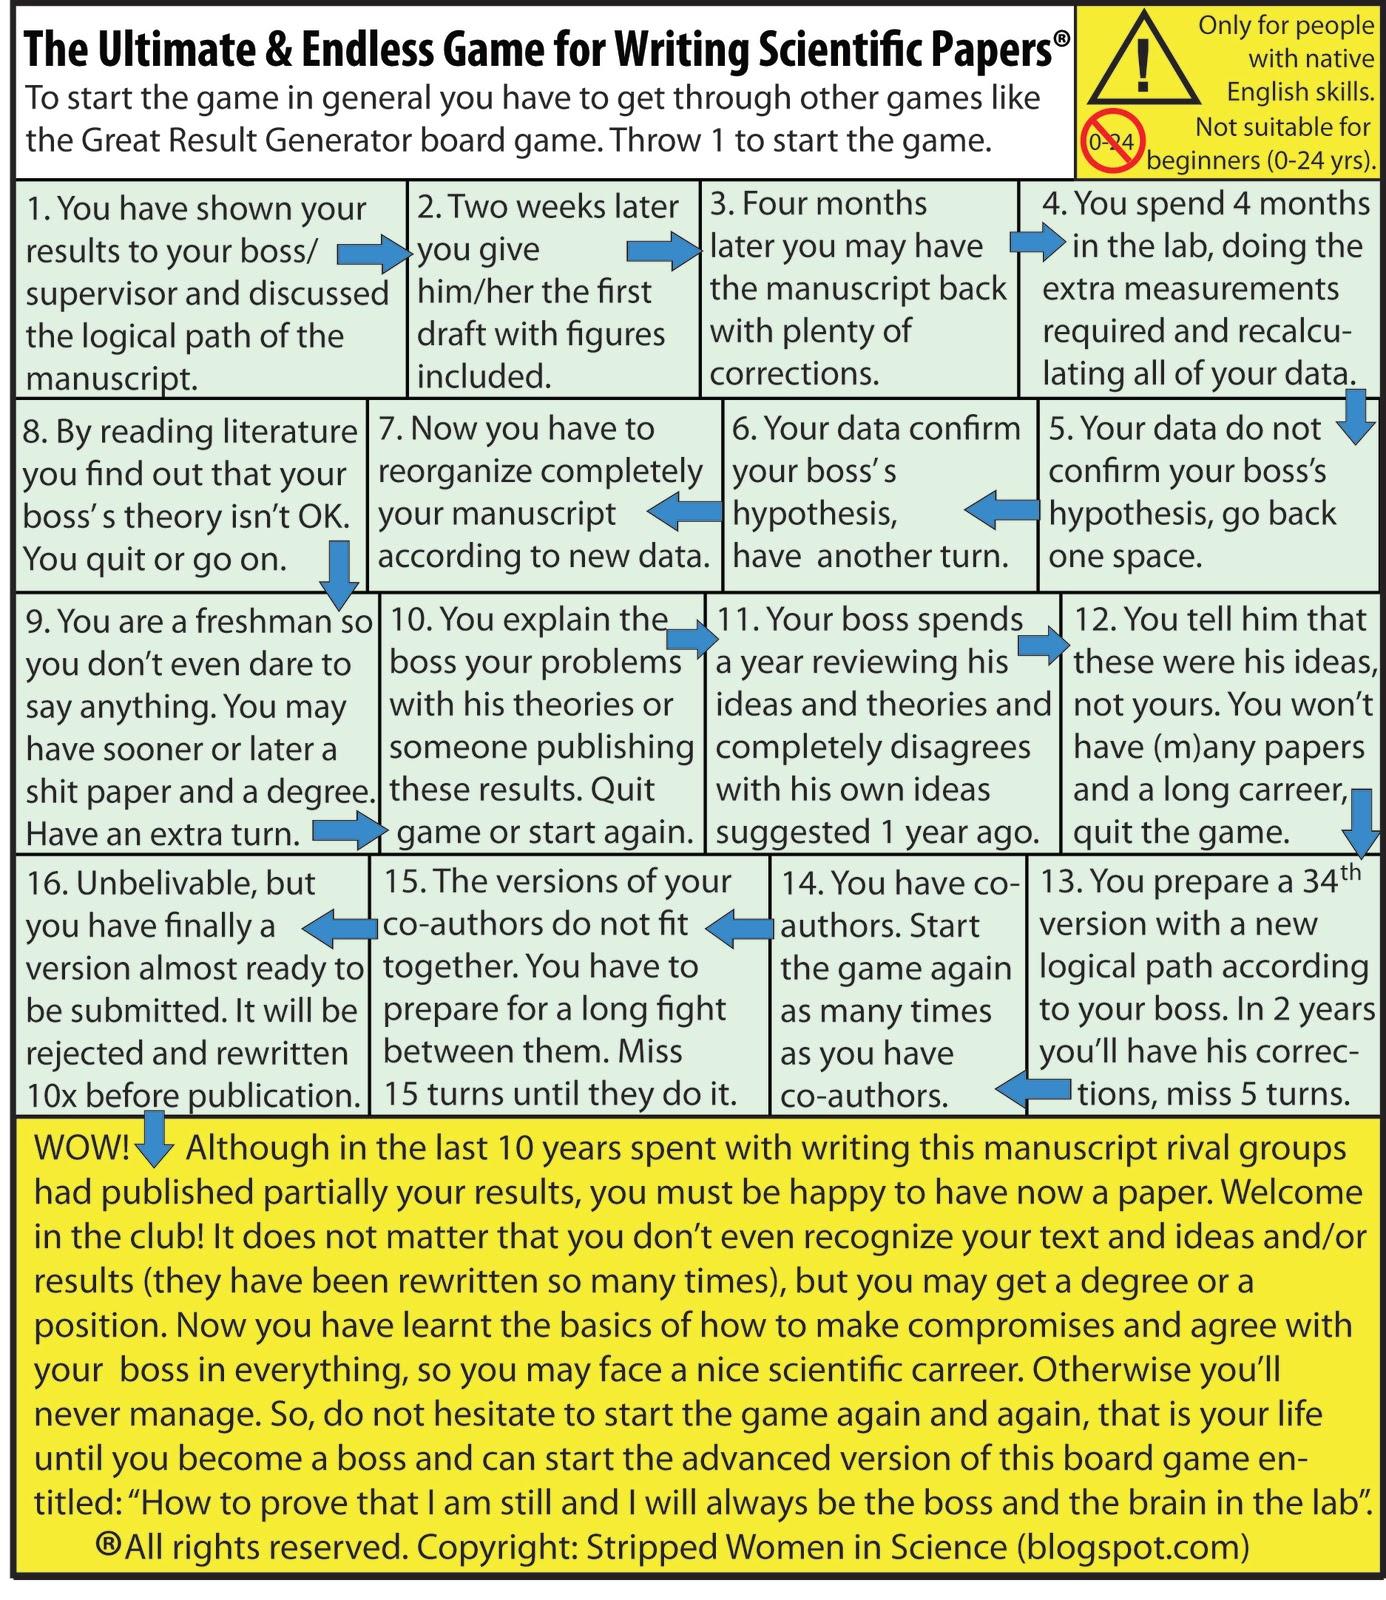 Science [November 4th 2011 English]